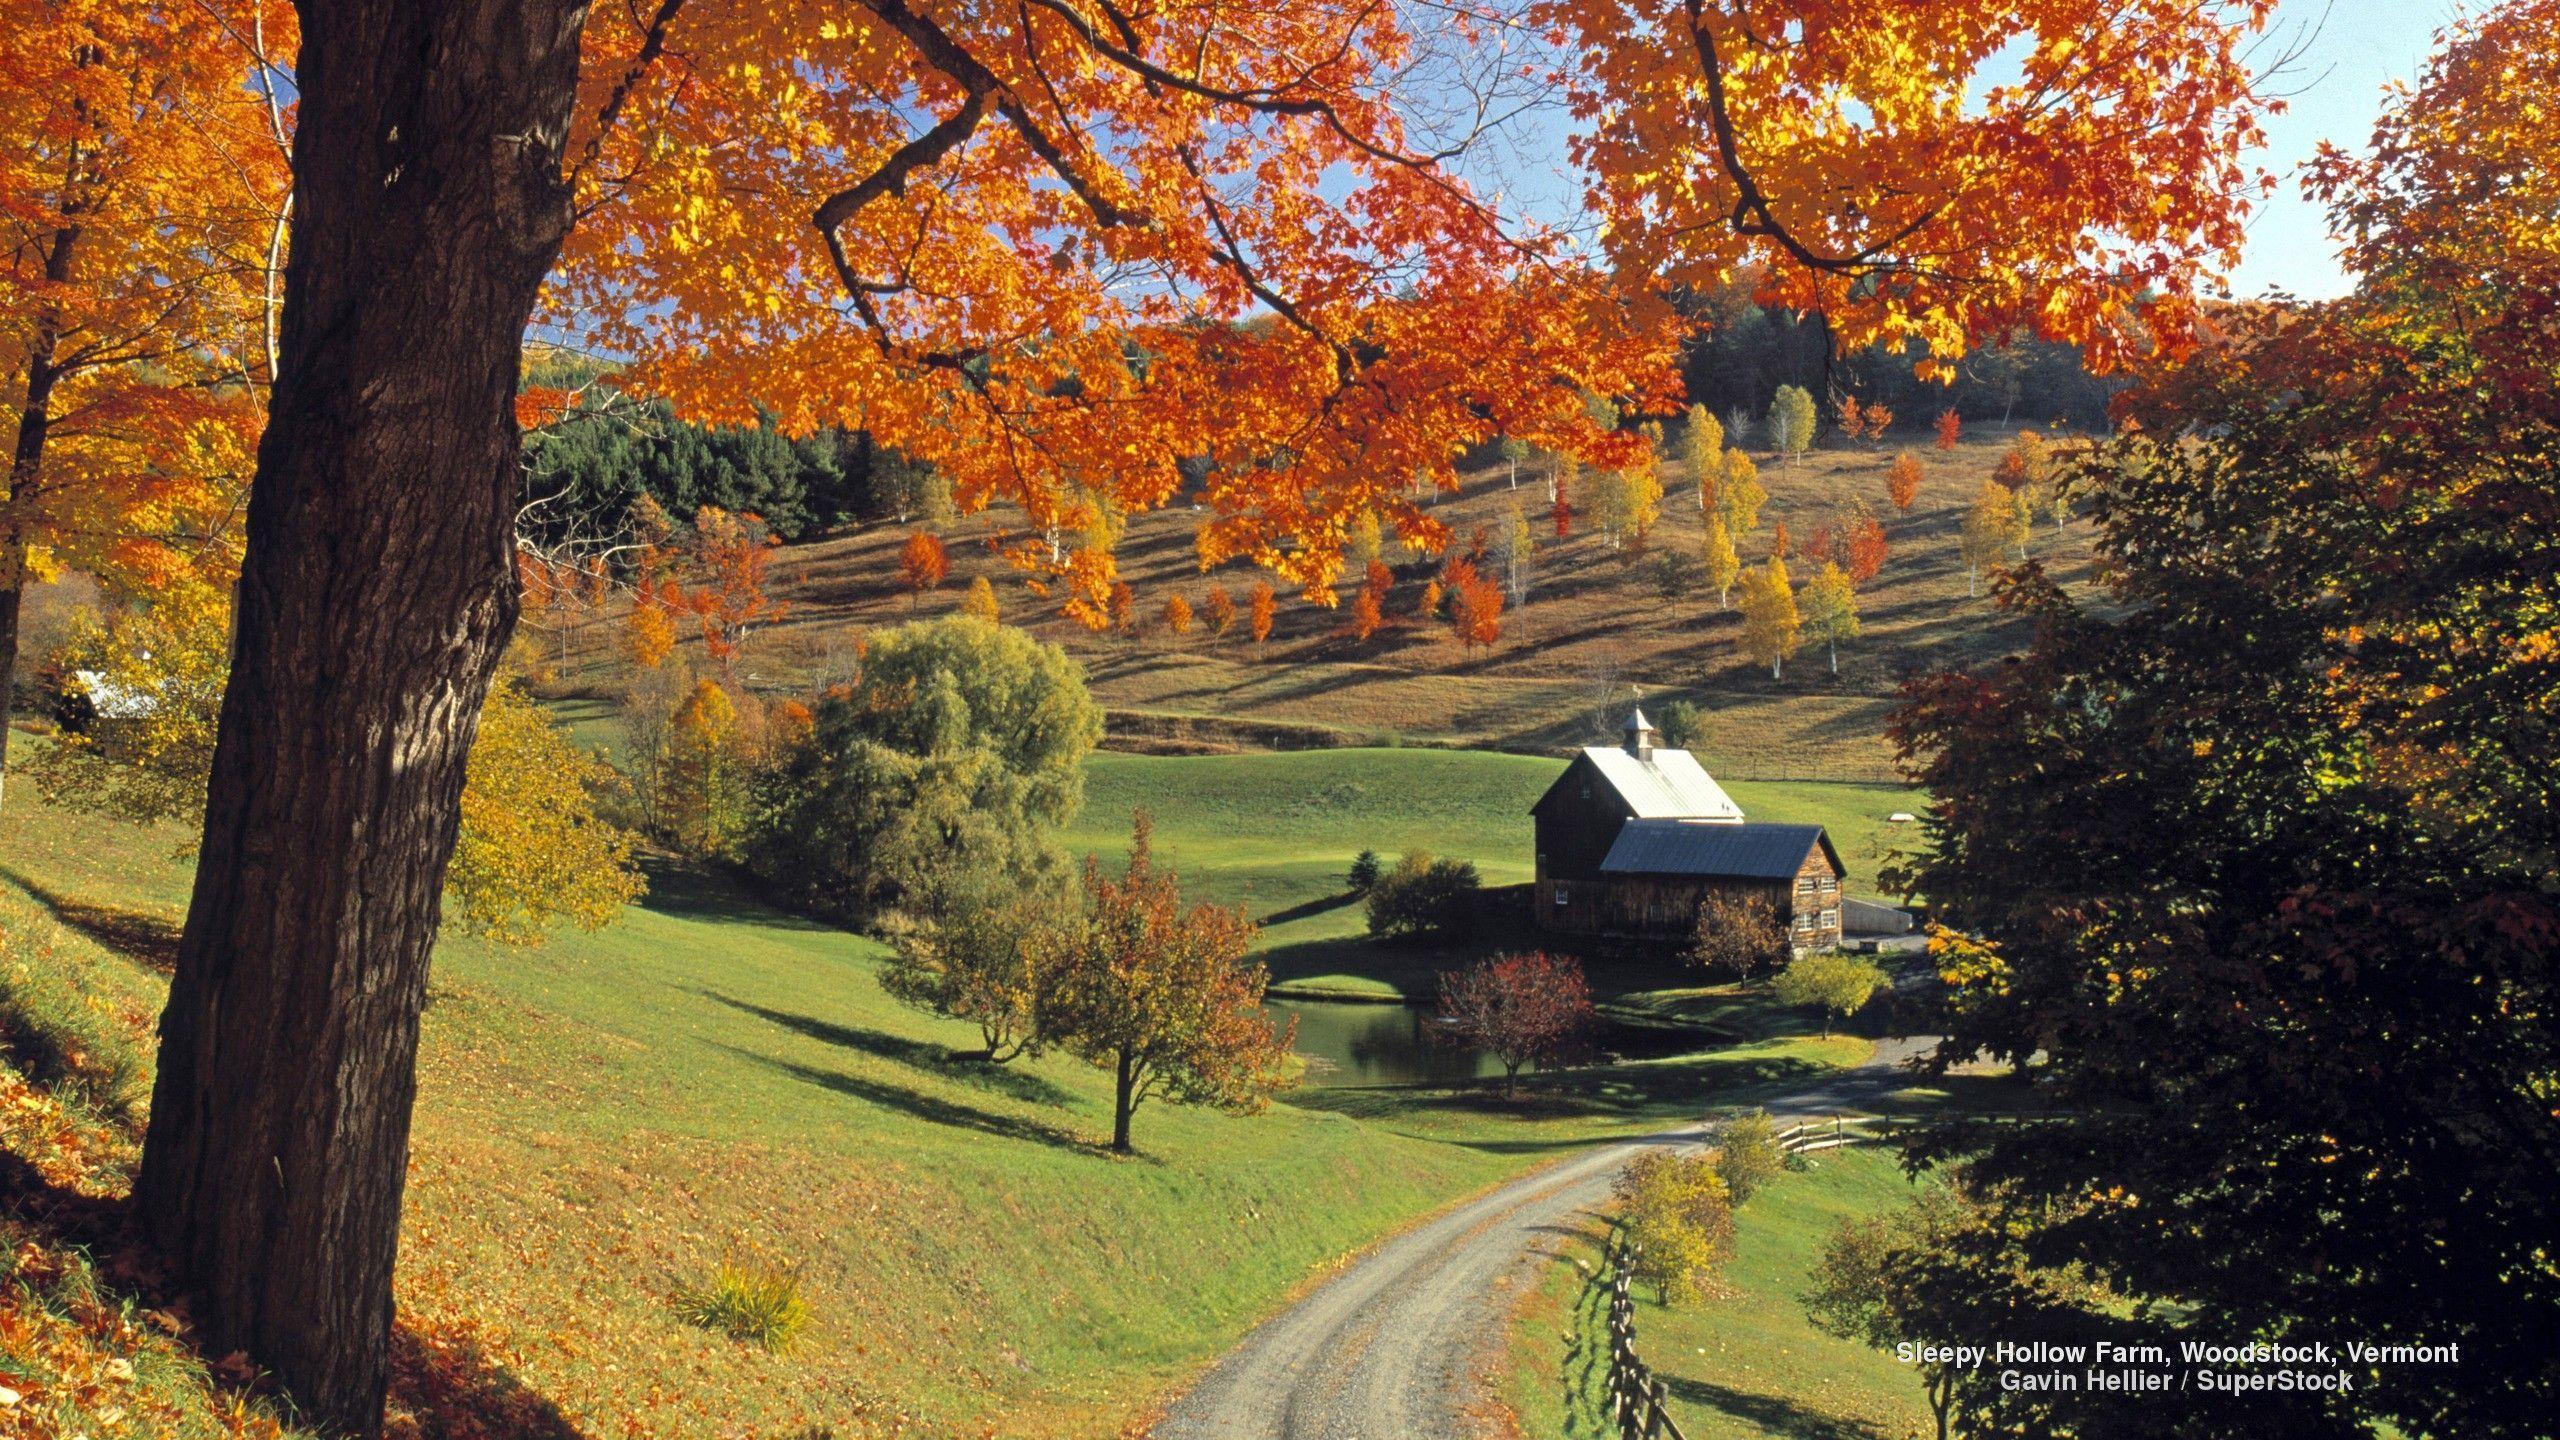 Vermont Autumn Scenes Desktop Wallpapers Top Free Vermont Autumn Scenes Desktop Backgrounds Wallpaperaccess